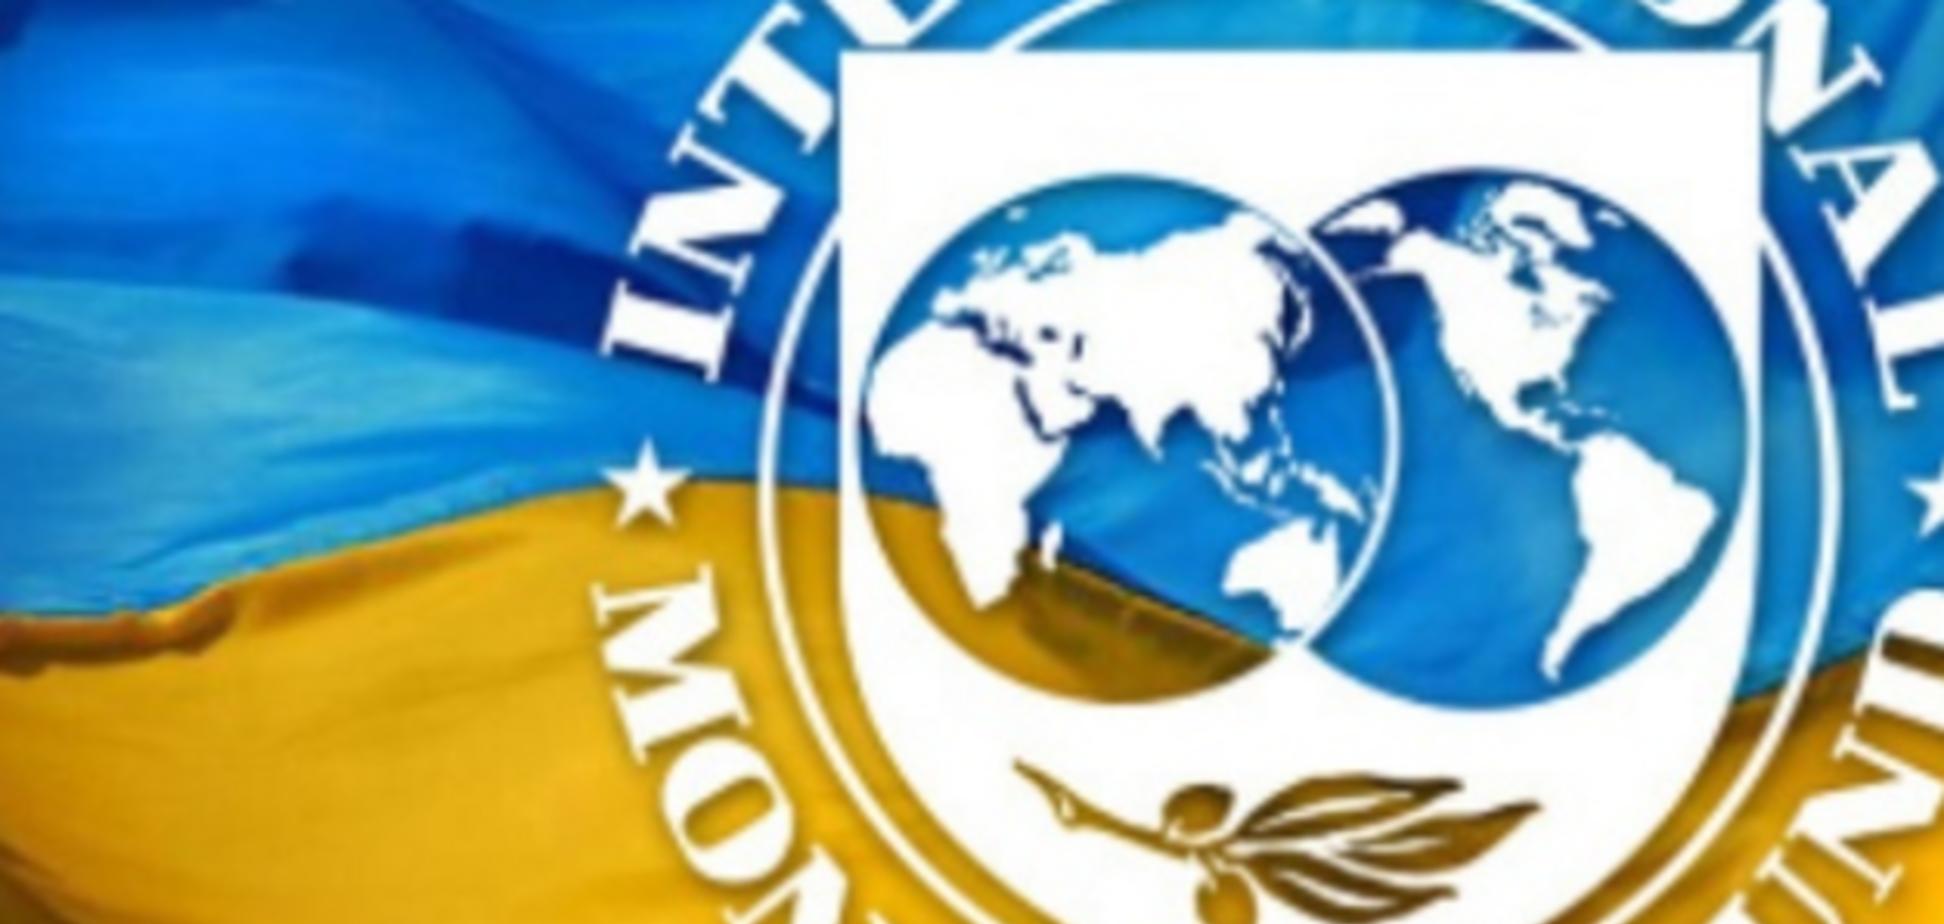 Нові вимоги МВФ: експерт пояснив, чим вони 'відгукнуться' українцям